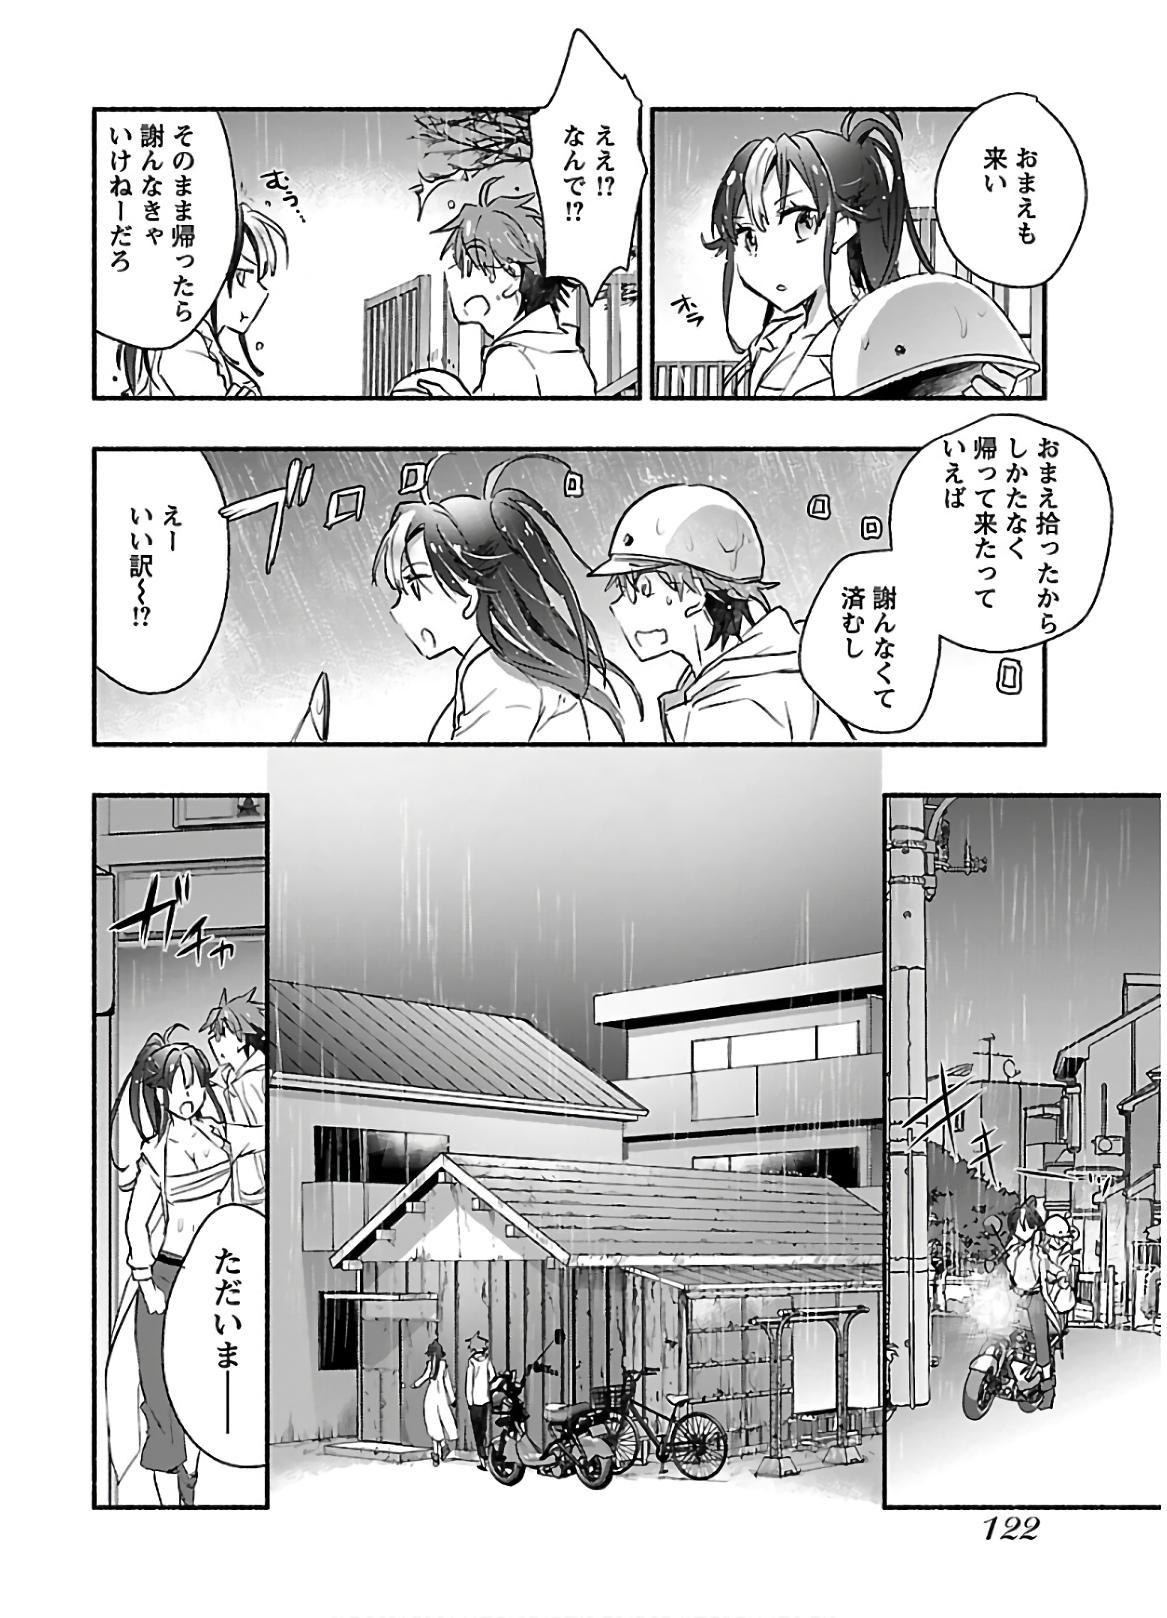 Yankii musume ni natsukarete kotoshi mo juken ni shippai shisou desu  vol.1 123